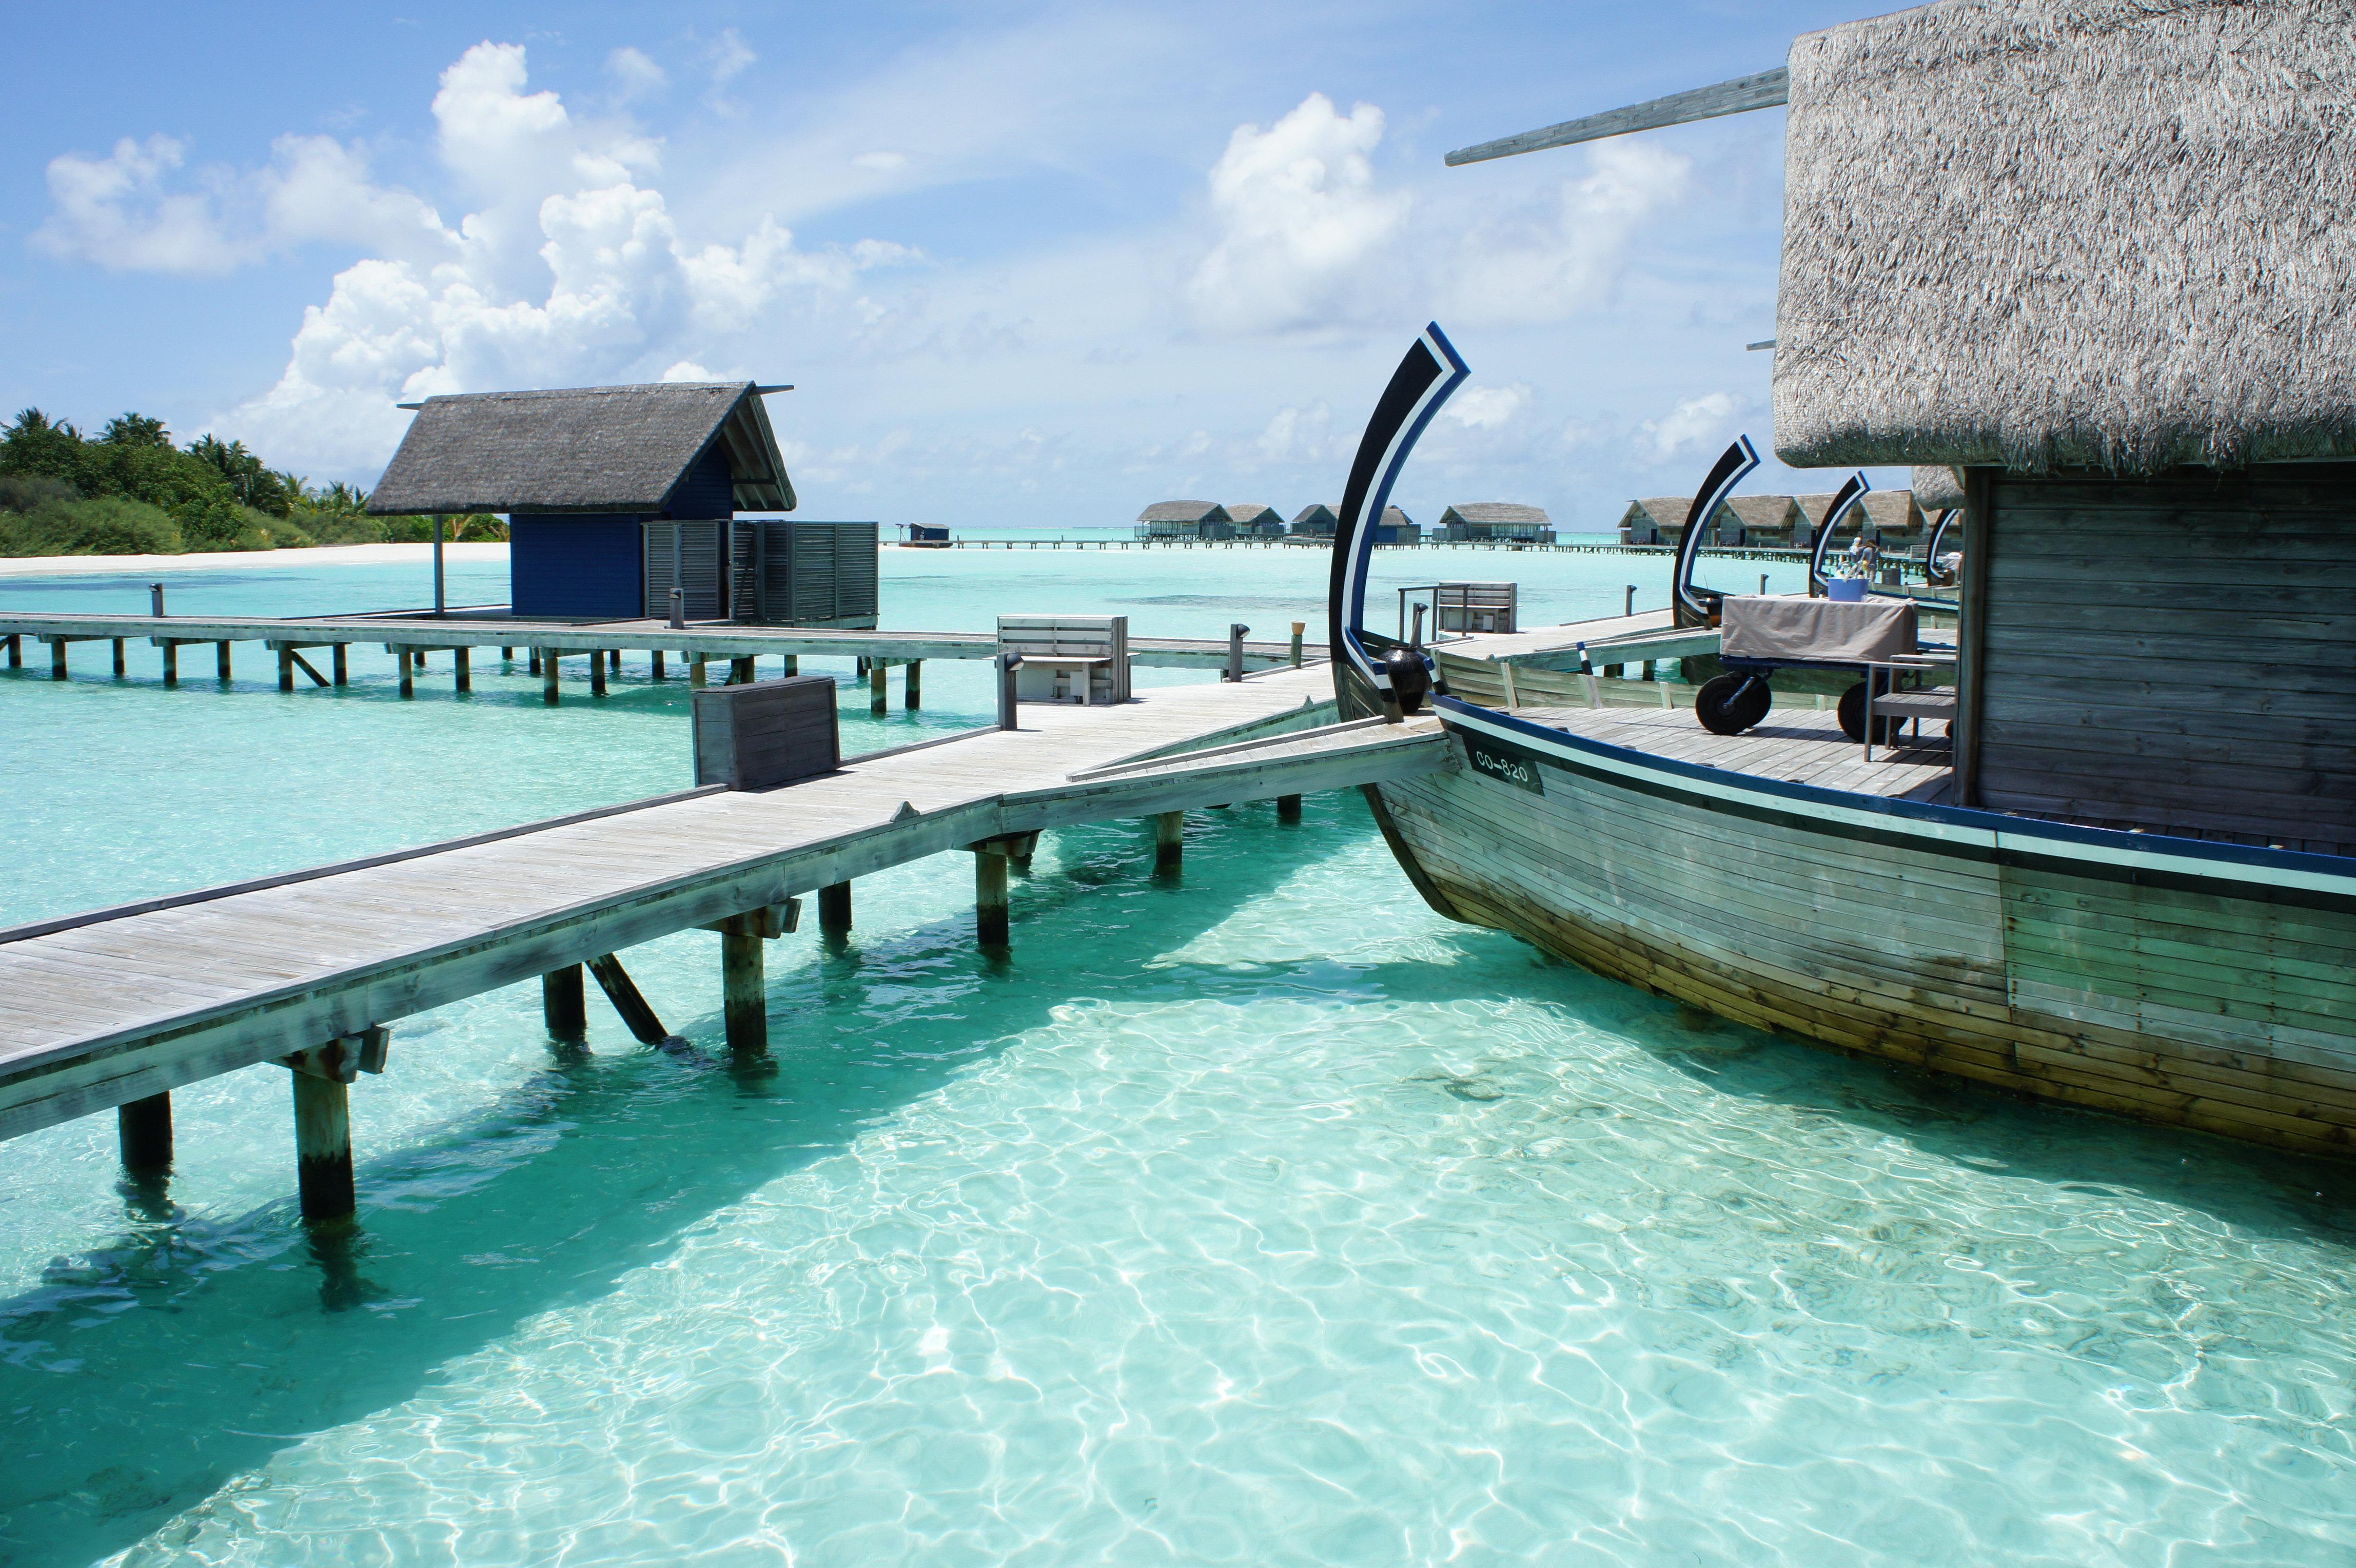 马尔代夫景点景区图片-马尔代夫风景名胜图片-旅游